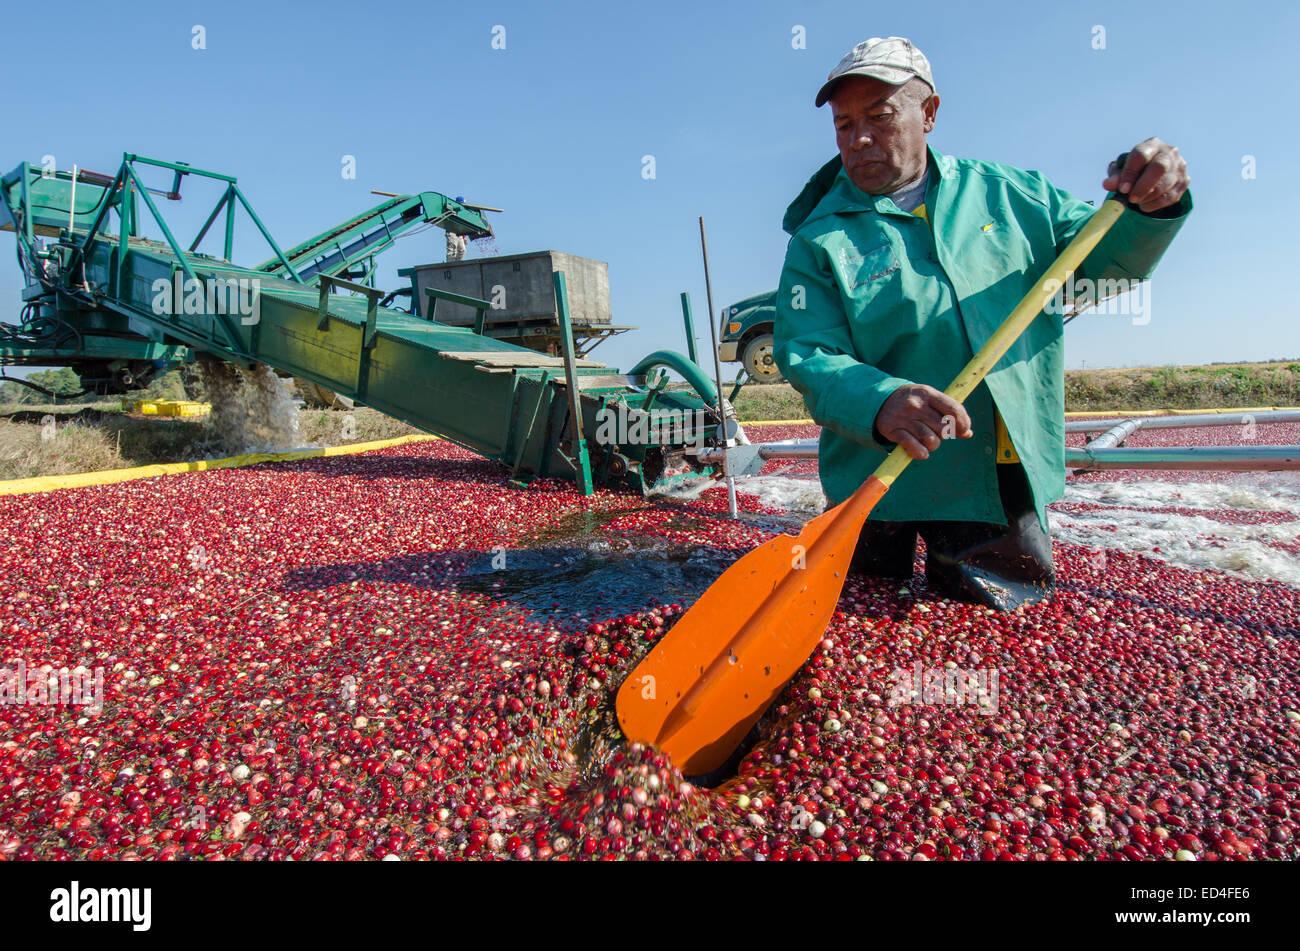 Waten in den Sümpfen, Ernte Arbeiter Preiselbeeren durch drücken die Beeren auf ein Förderband und in Erwartung Stockfoto